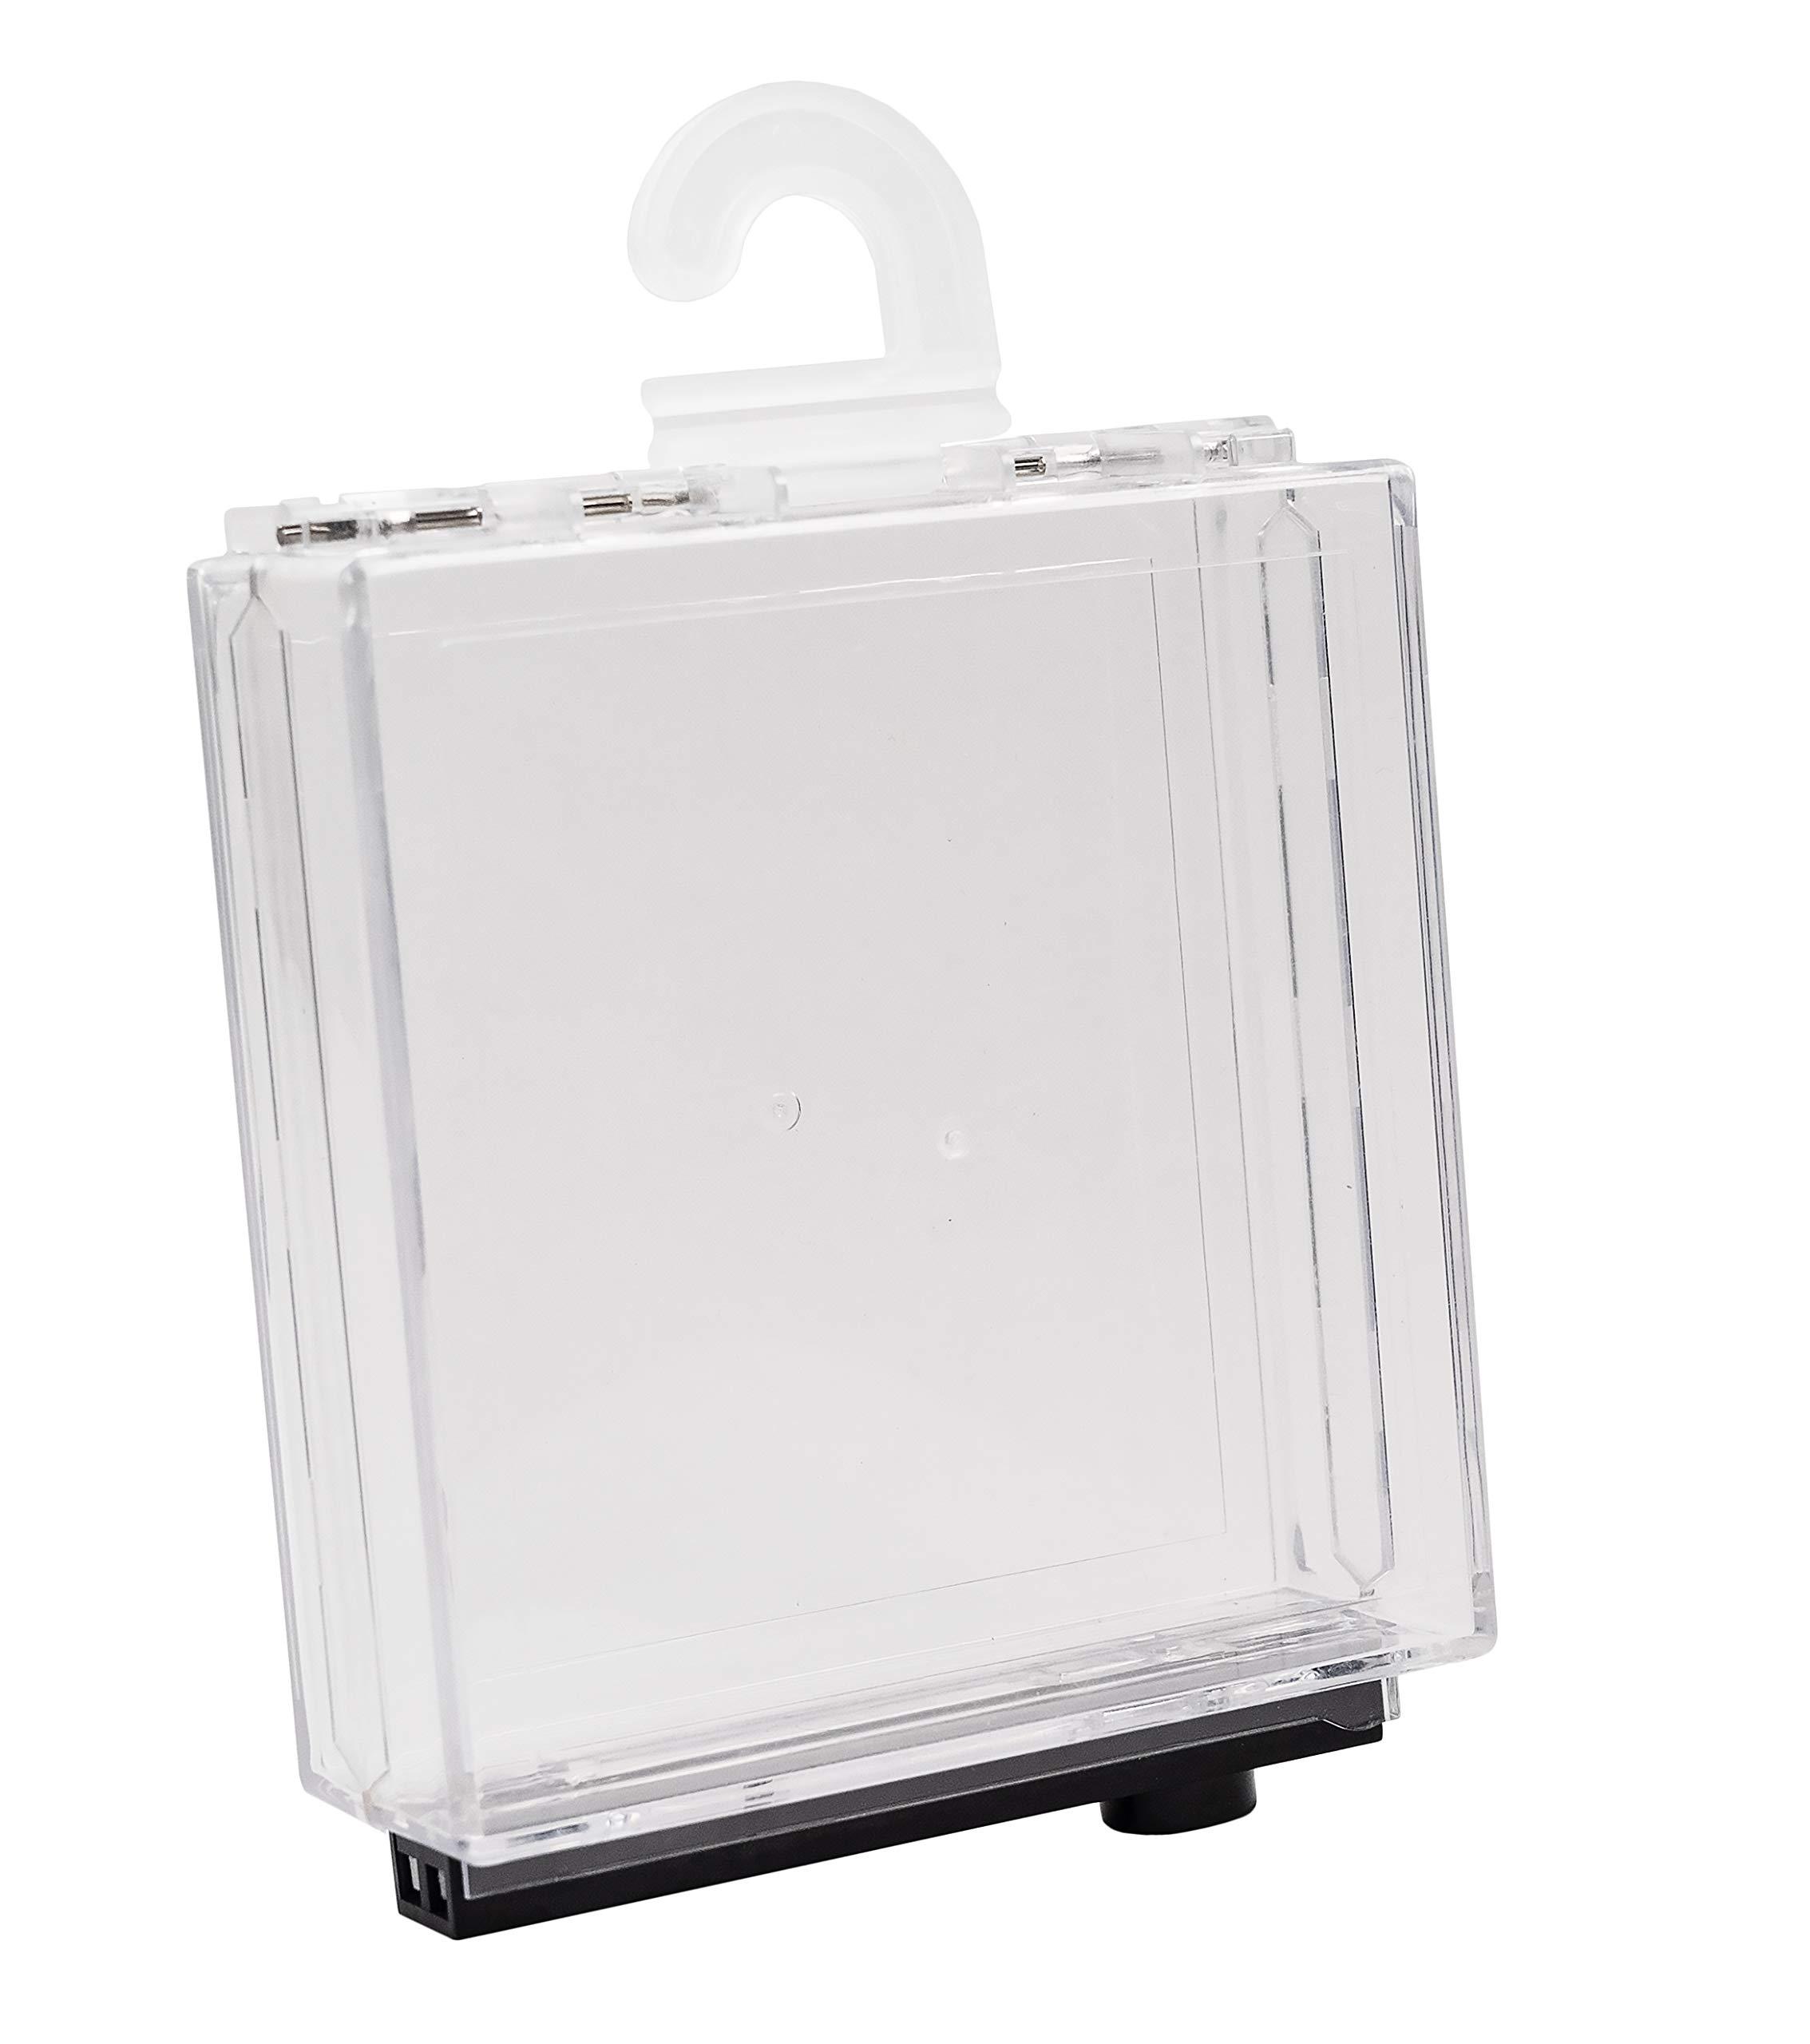 Razor Safer Box (50 Pack)